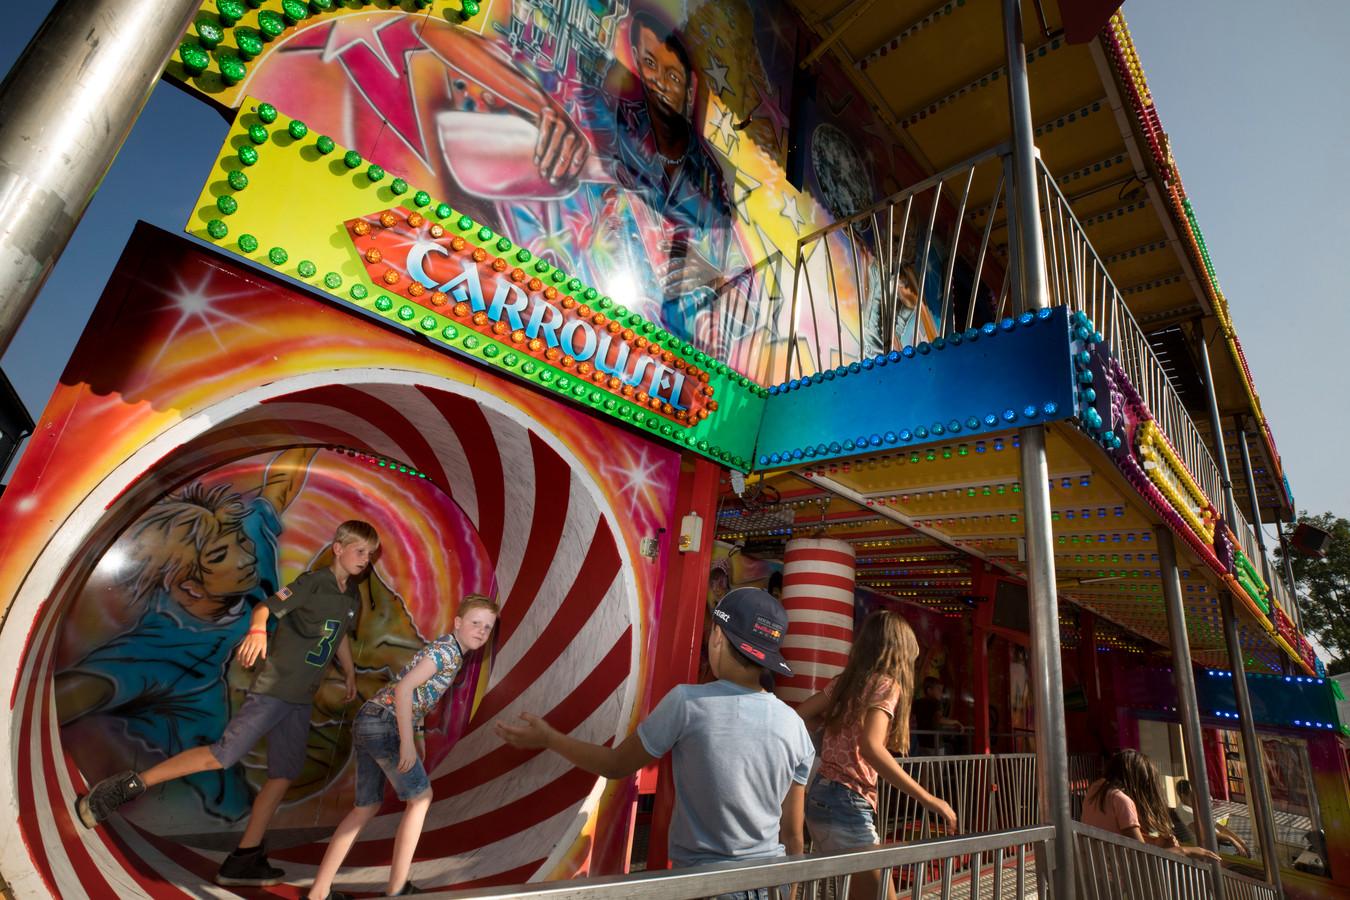 De kermis is uitgebreid met een Lunapark om meer jeugd te trekken.